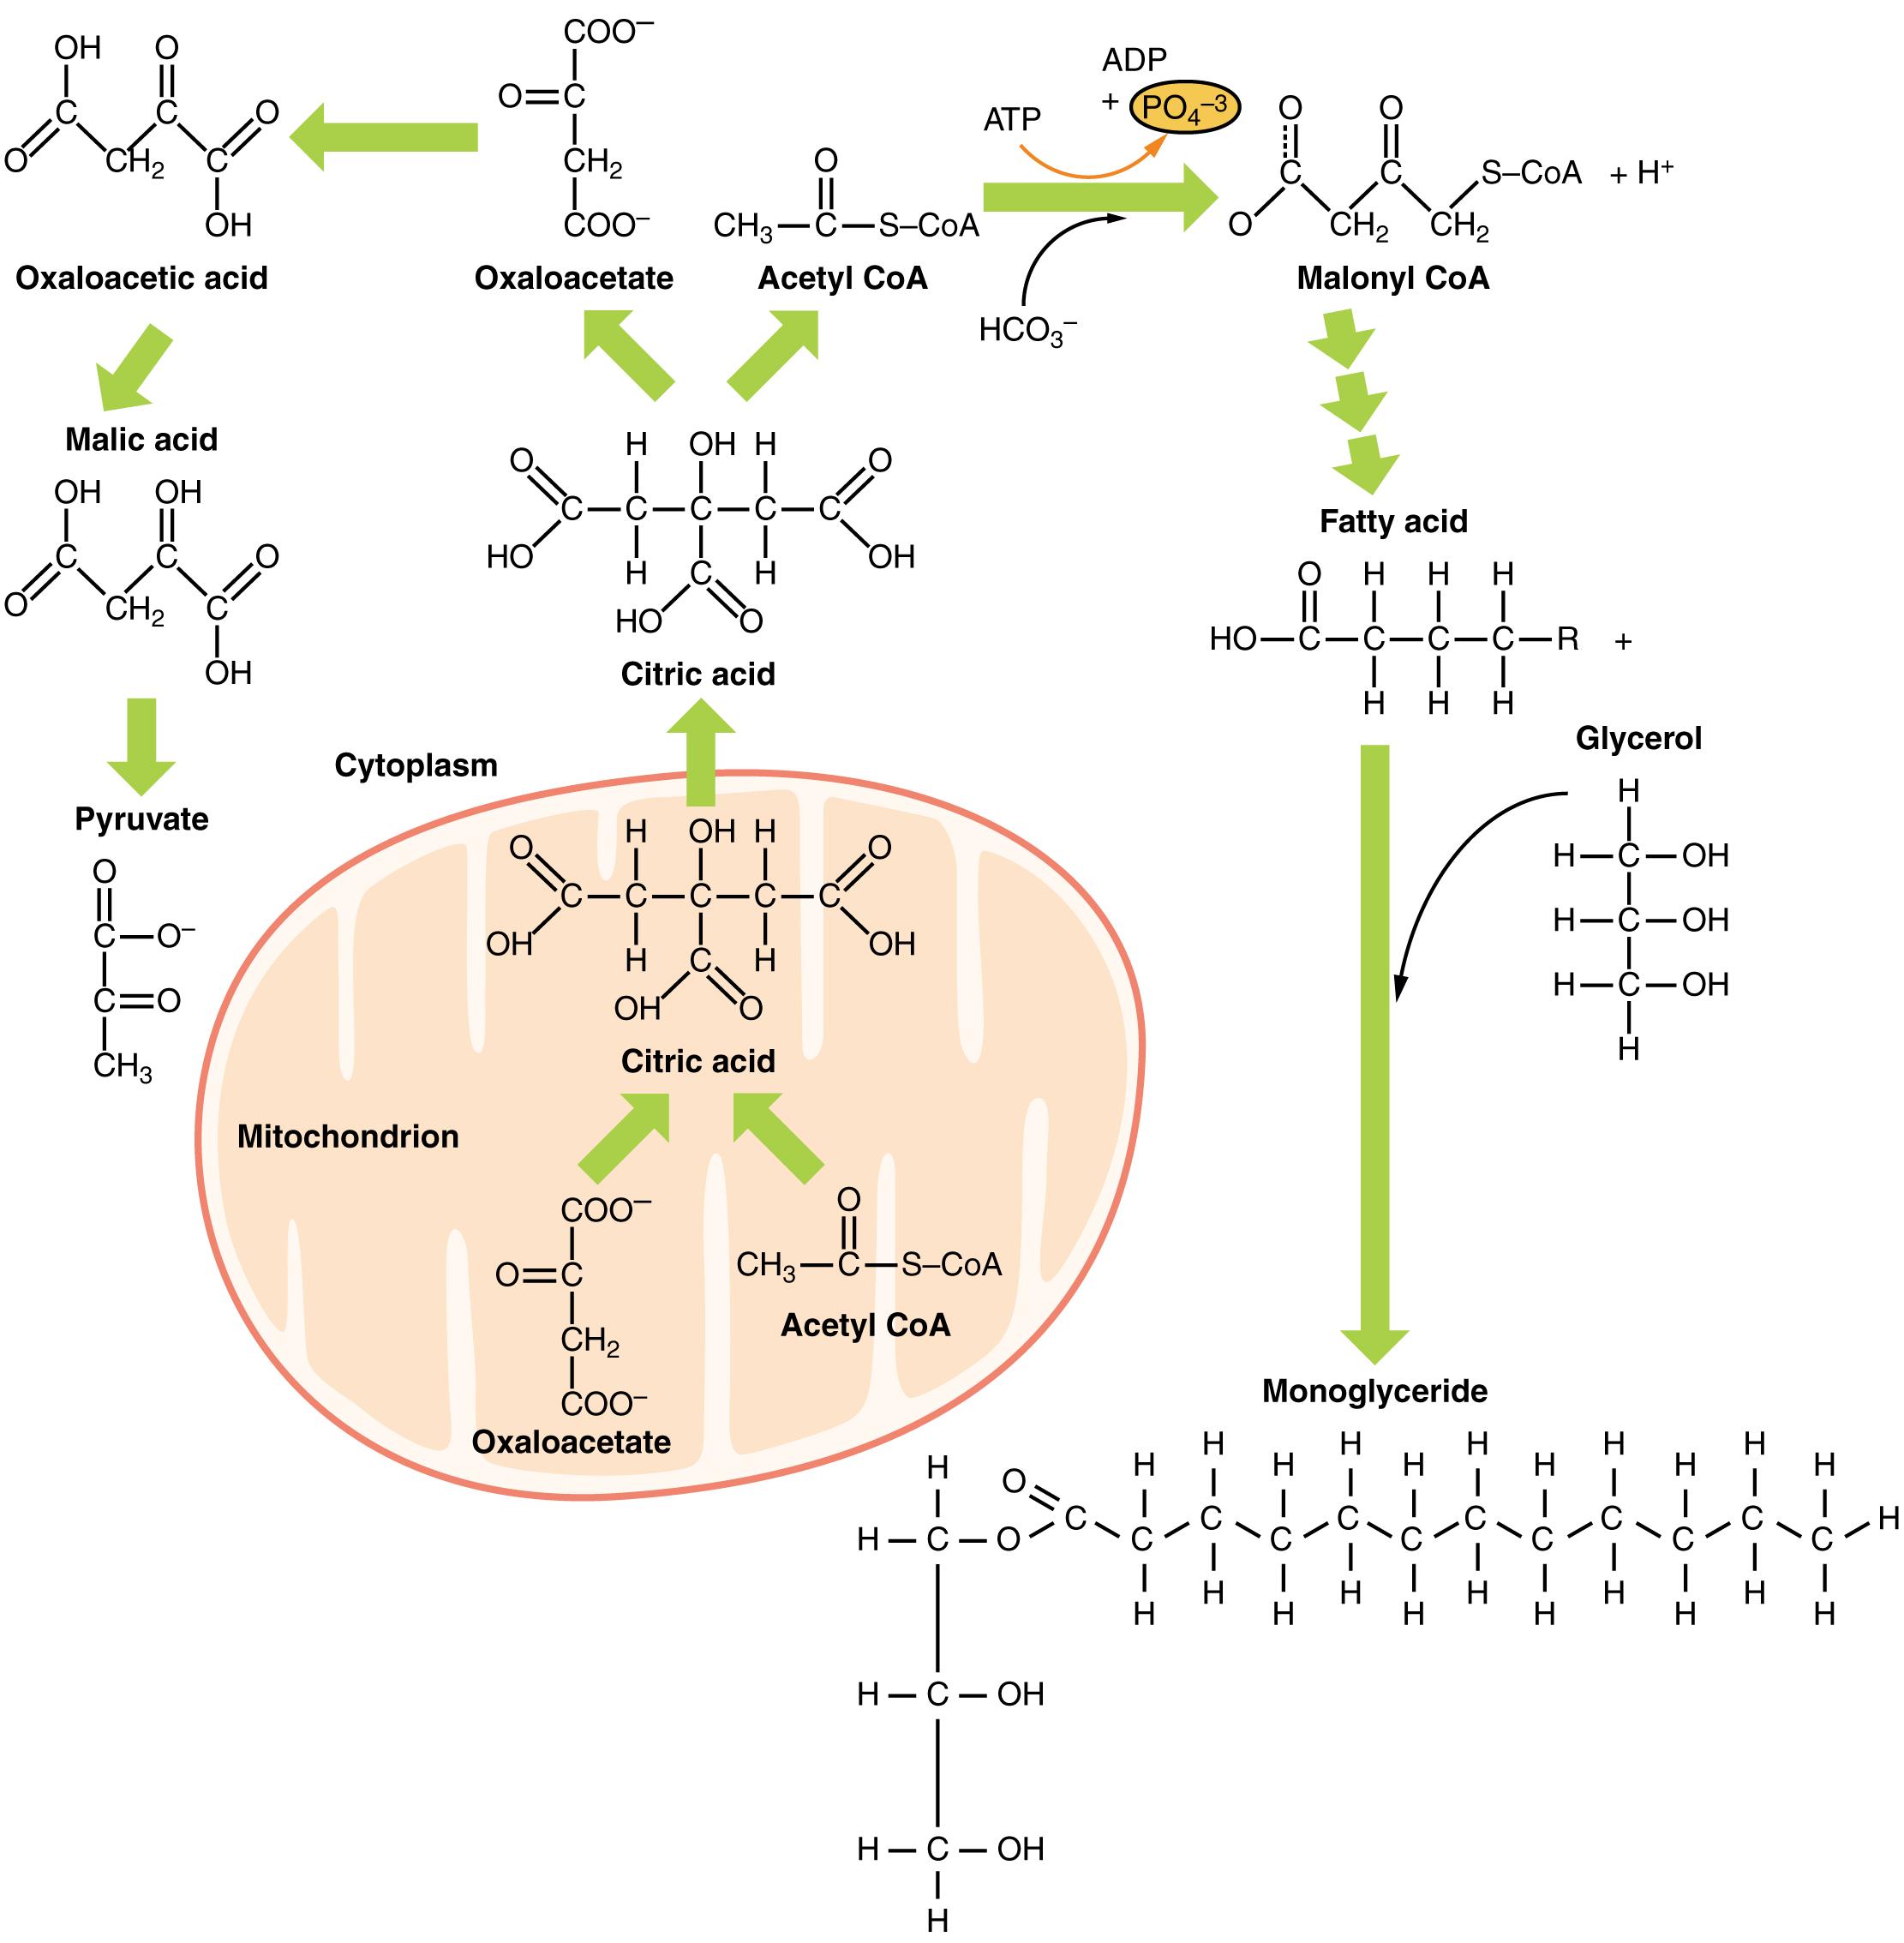 Lipidstoffwechsel